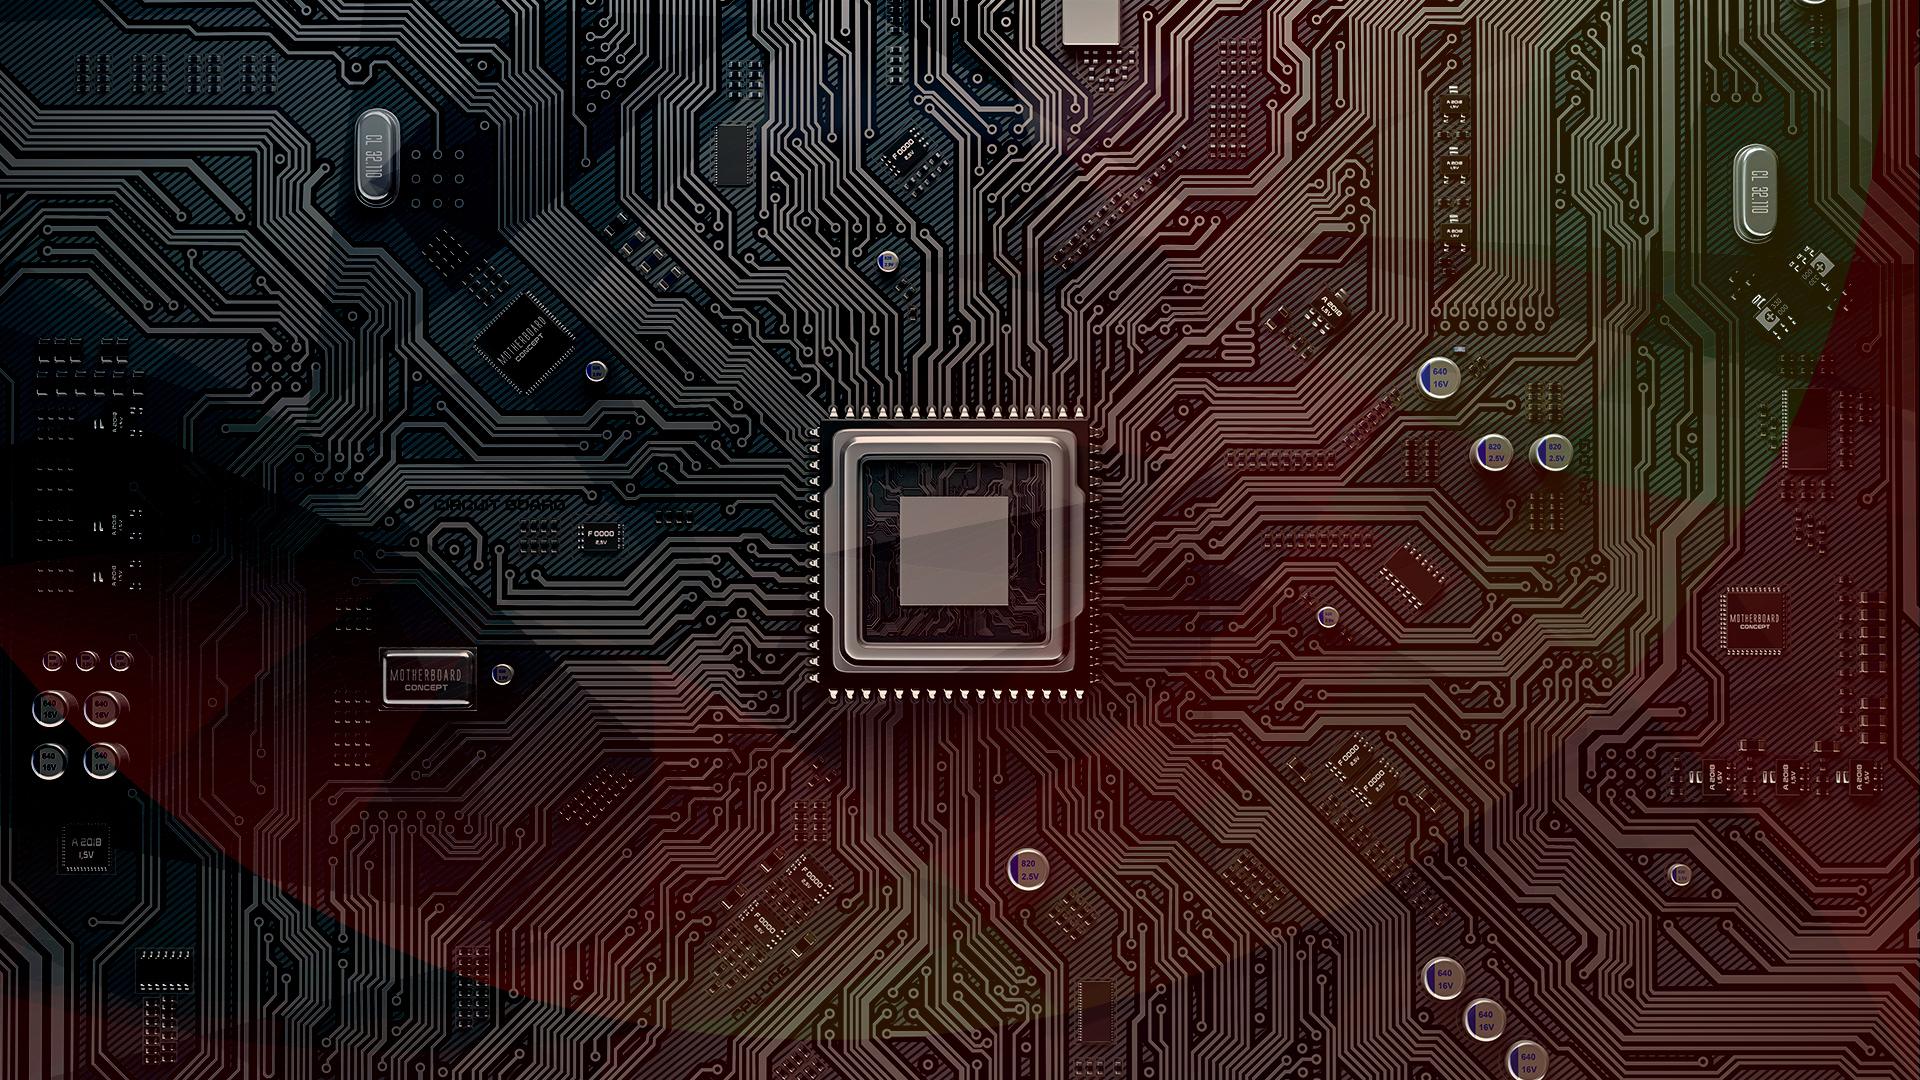 Prozessor, Cpu, Chip, SoC, Hardware, Gpu, Prozessoren, Chips, Mainboard, Nanometer, System On Chip, Motherboard, Platine, Leiterplatte